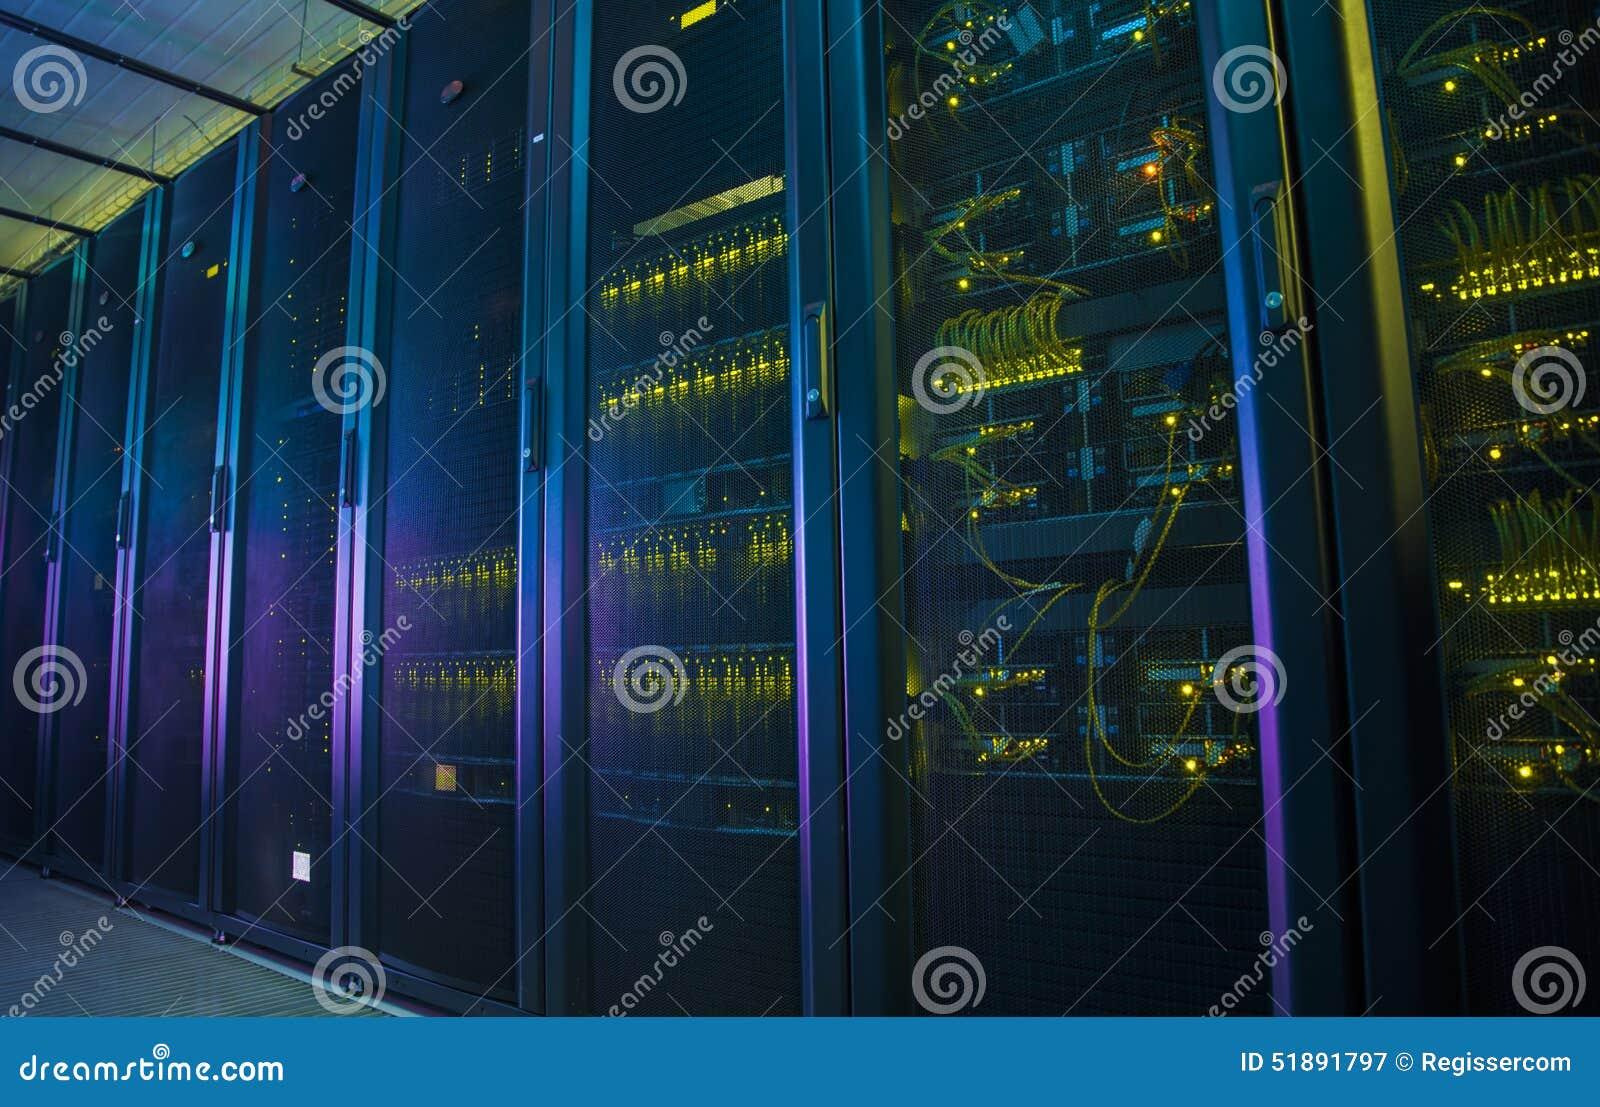 Servidores de red en un centro de datos